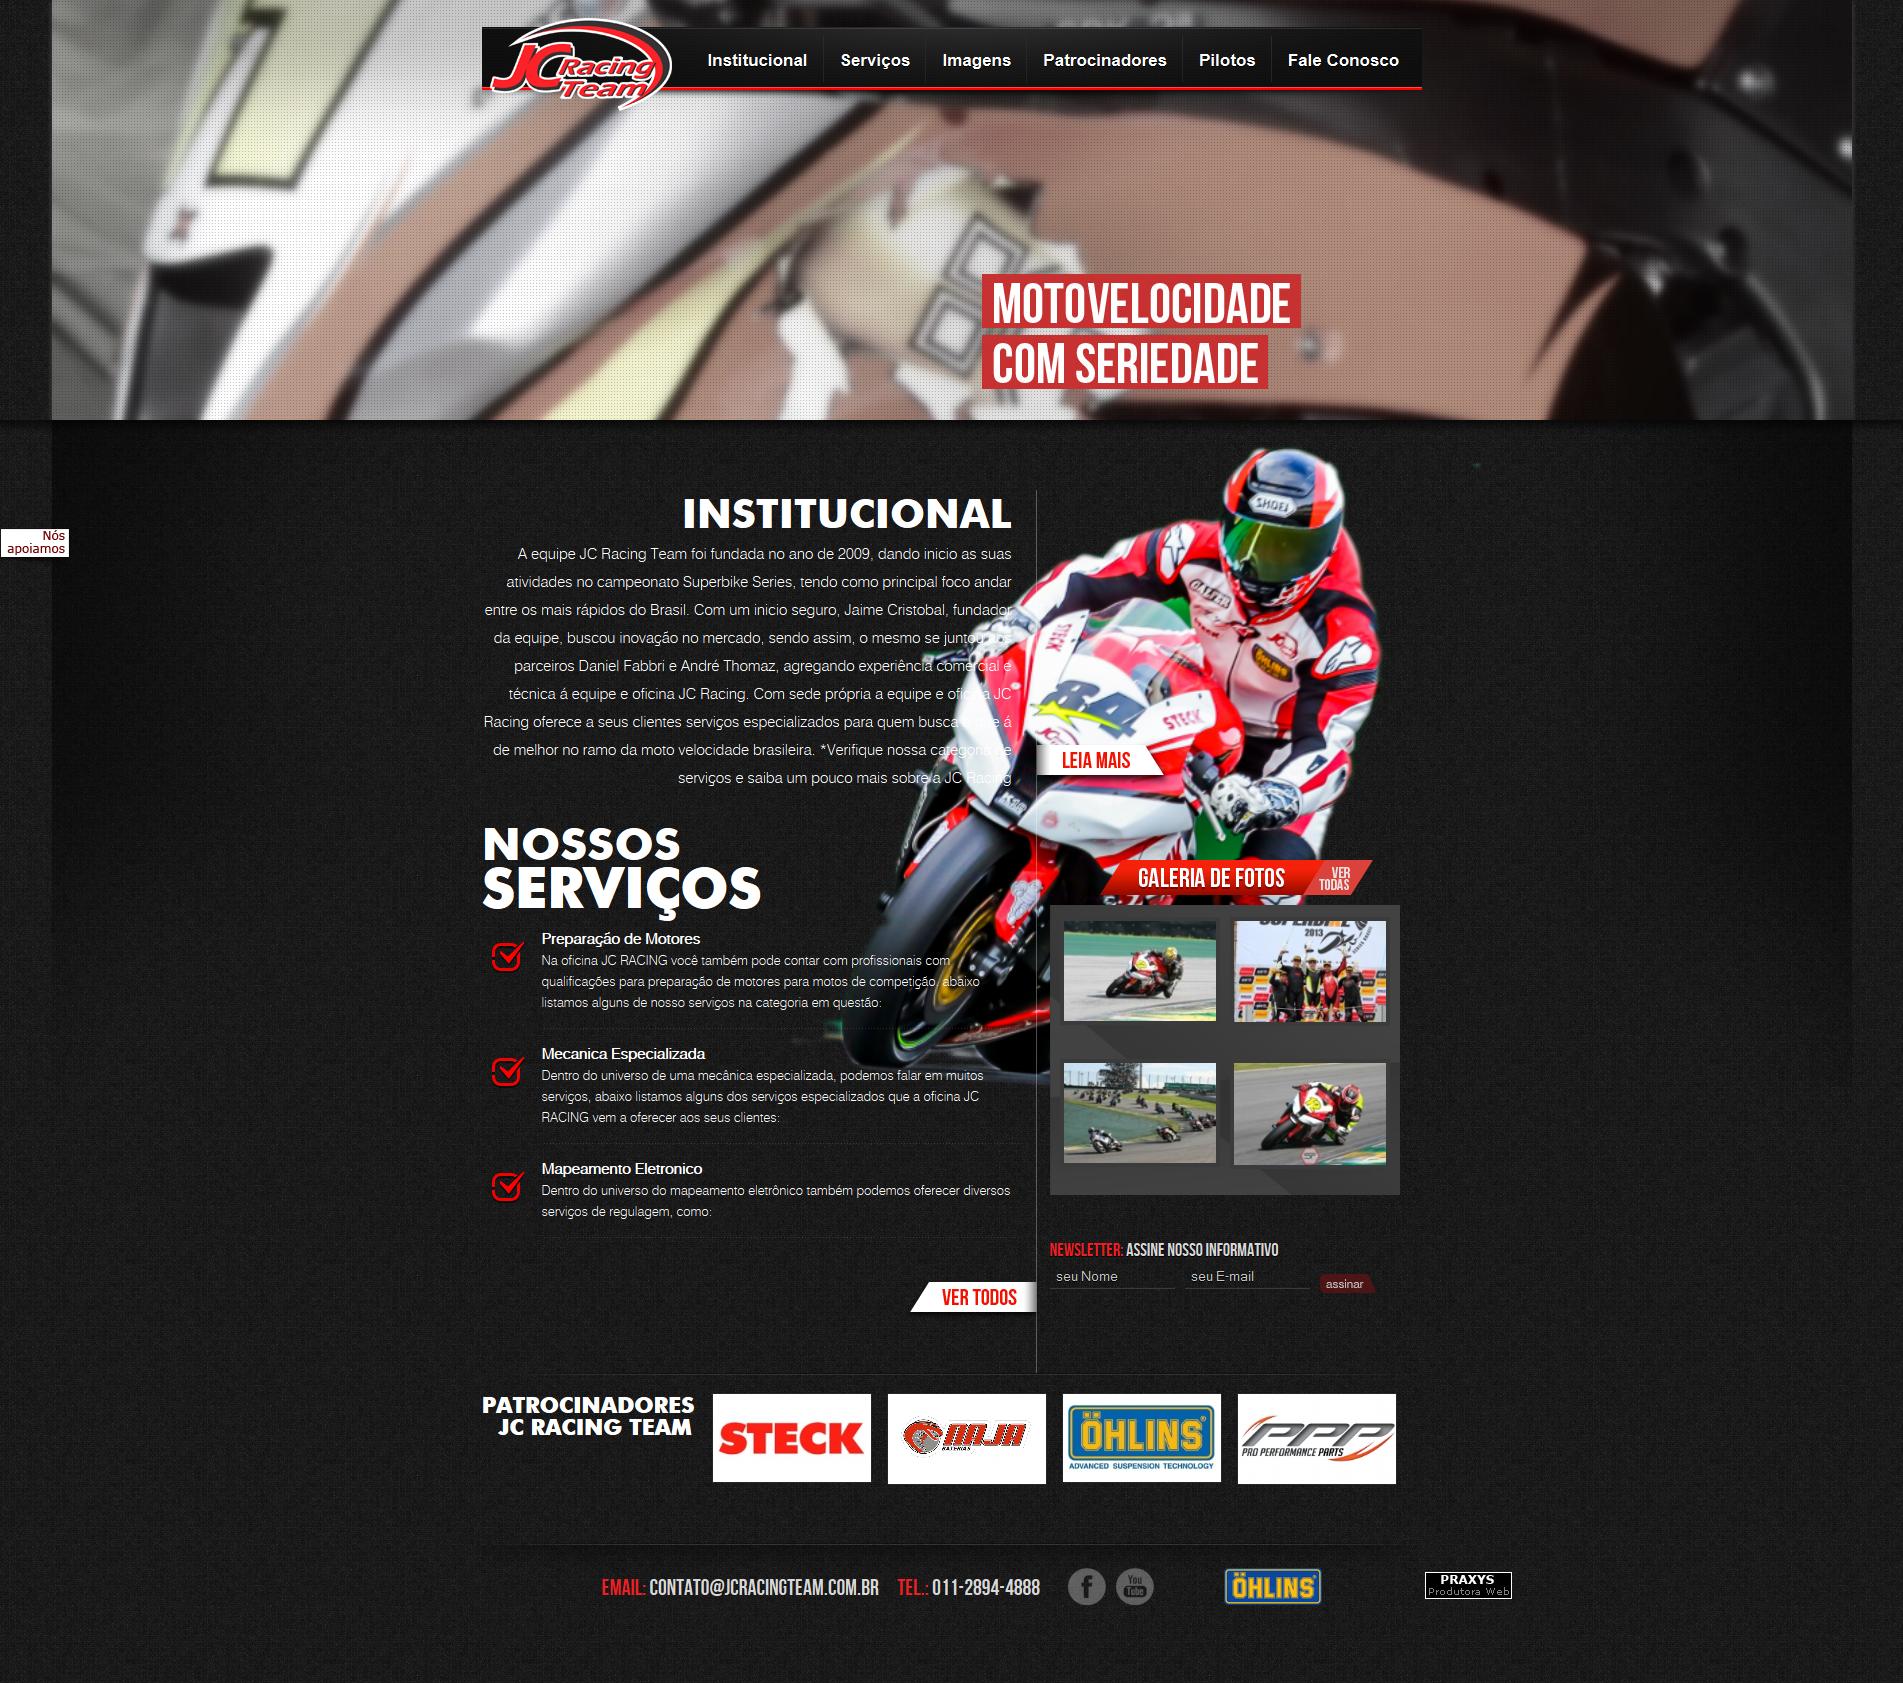 Imagem do projeto Jc Racing Team